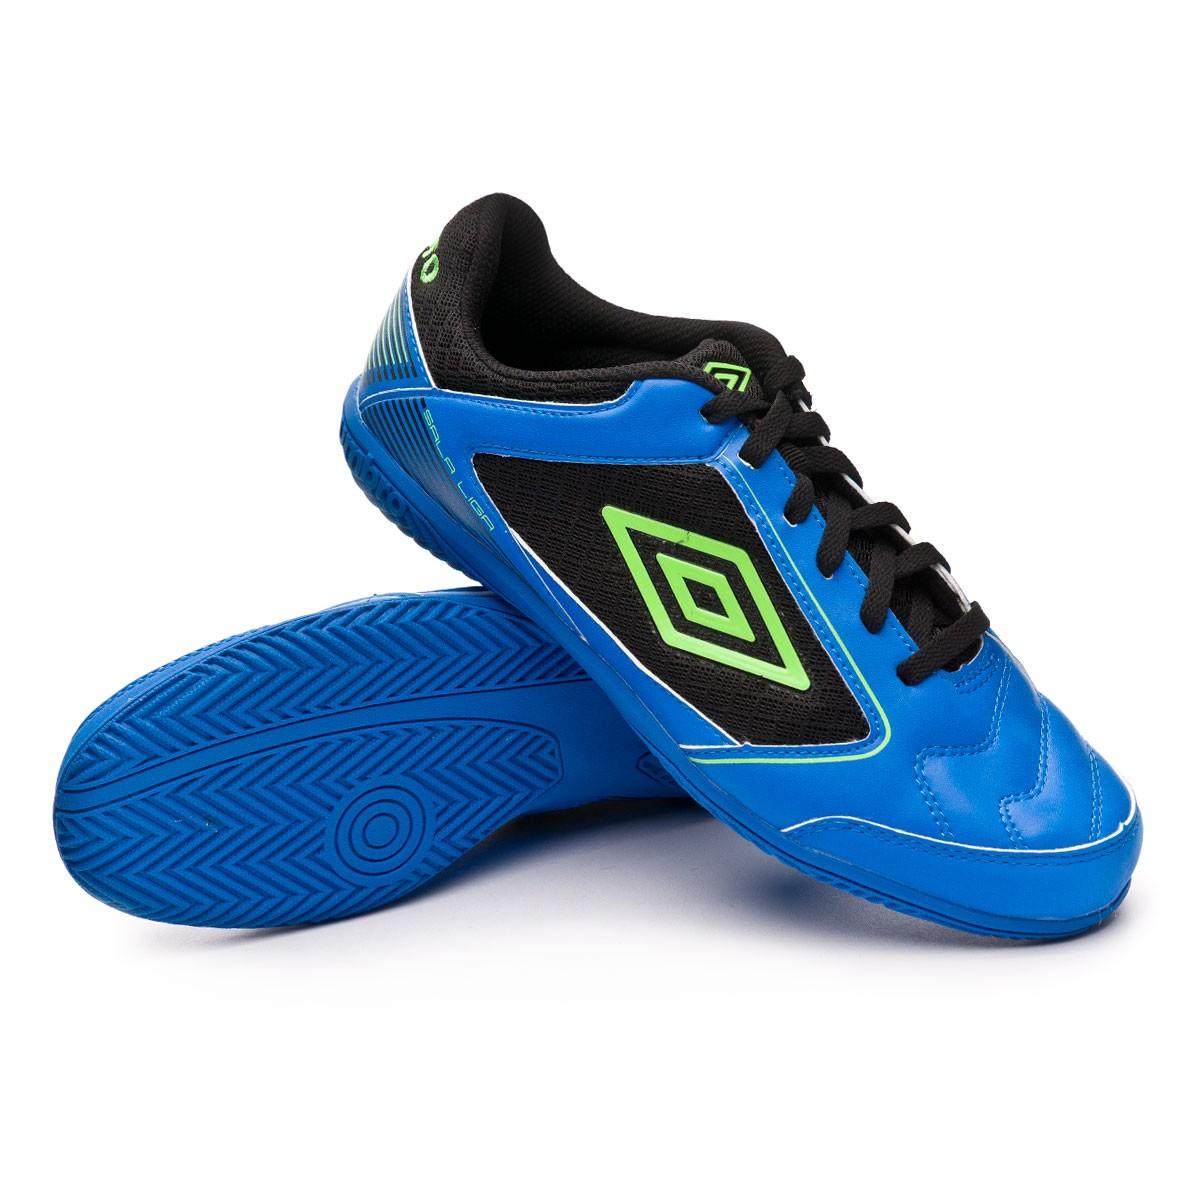 625a0ab9320 Futsal Boot Umbro Sala Liga IC Blue-Black - Football store Fútbol Emotion